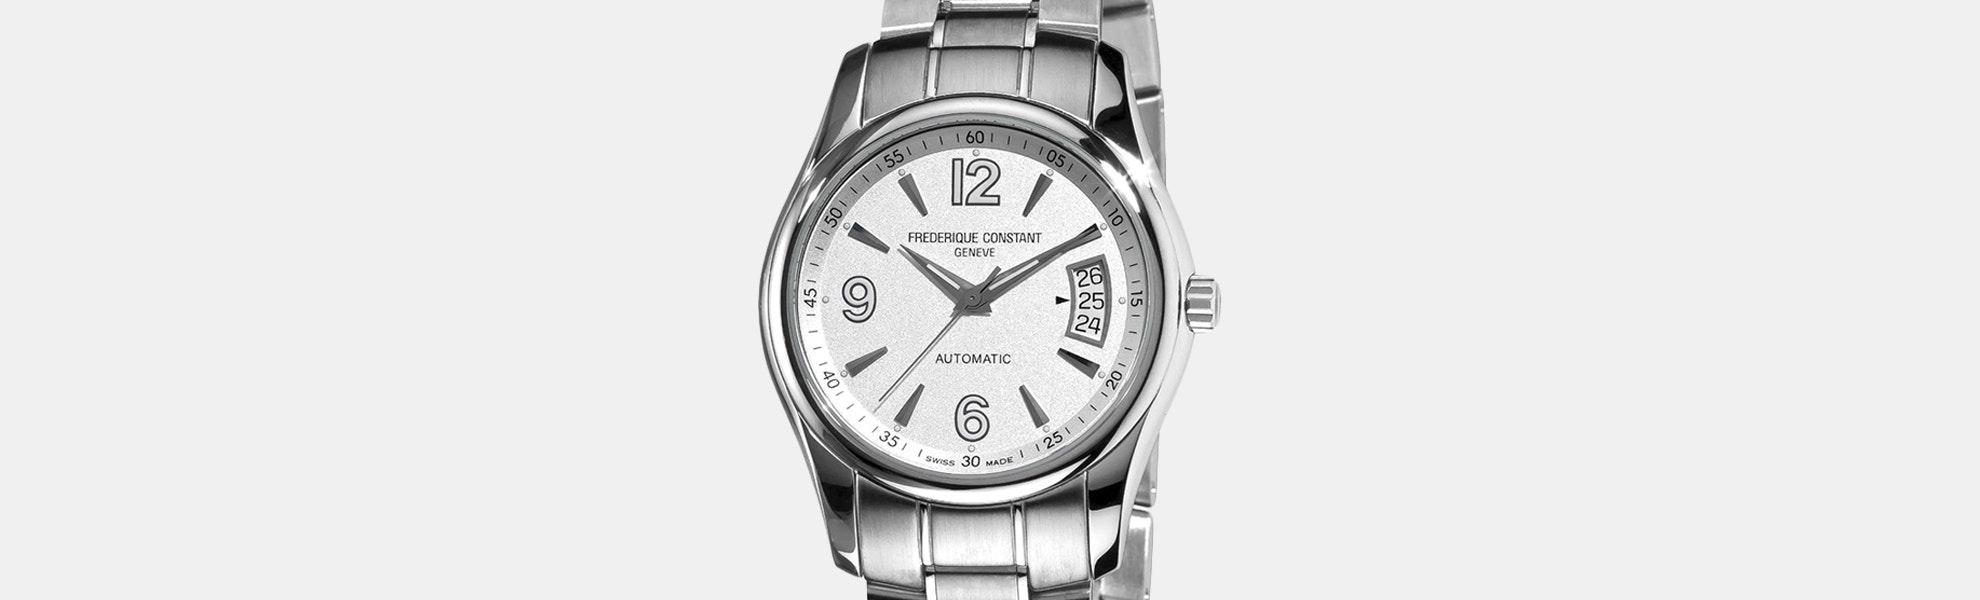 Frédérique Constant Junior Automatic Watch